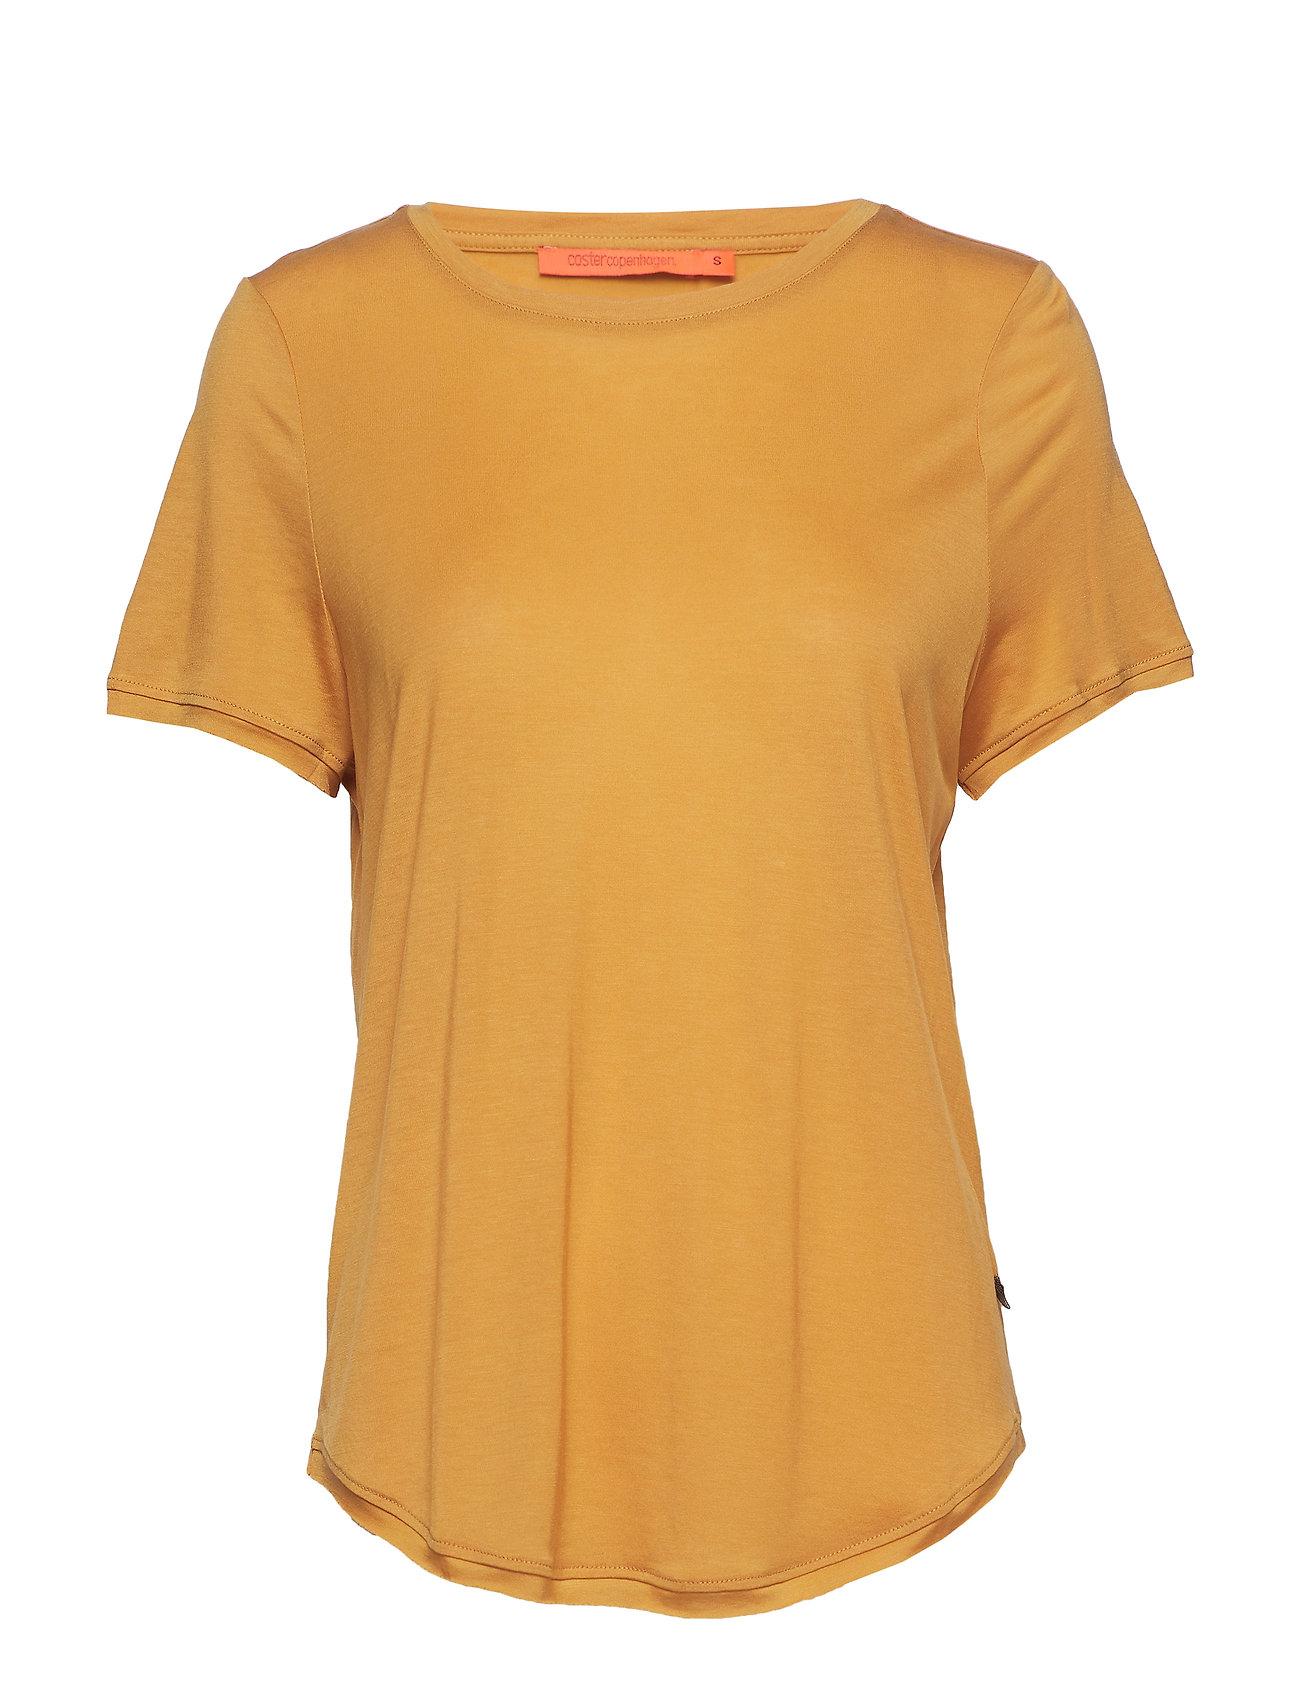 Coster Copenhagen T-shirt w. short sleeve - GOLD SPICE